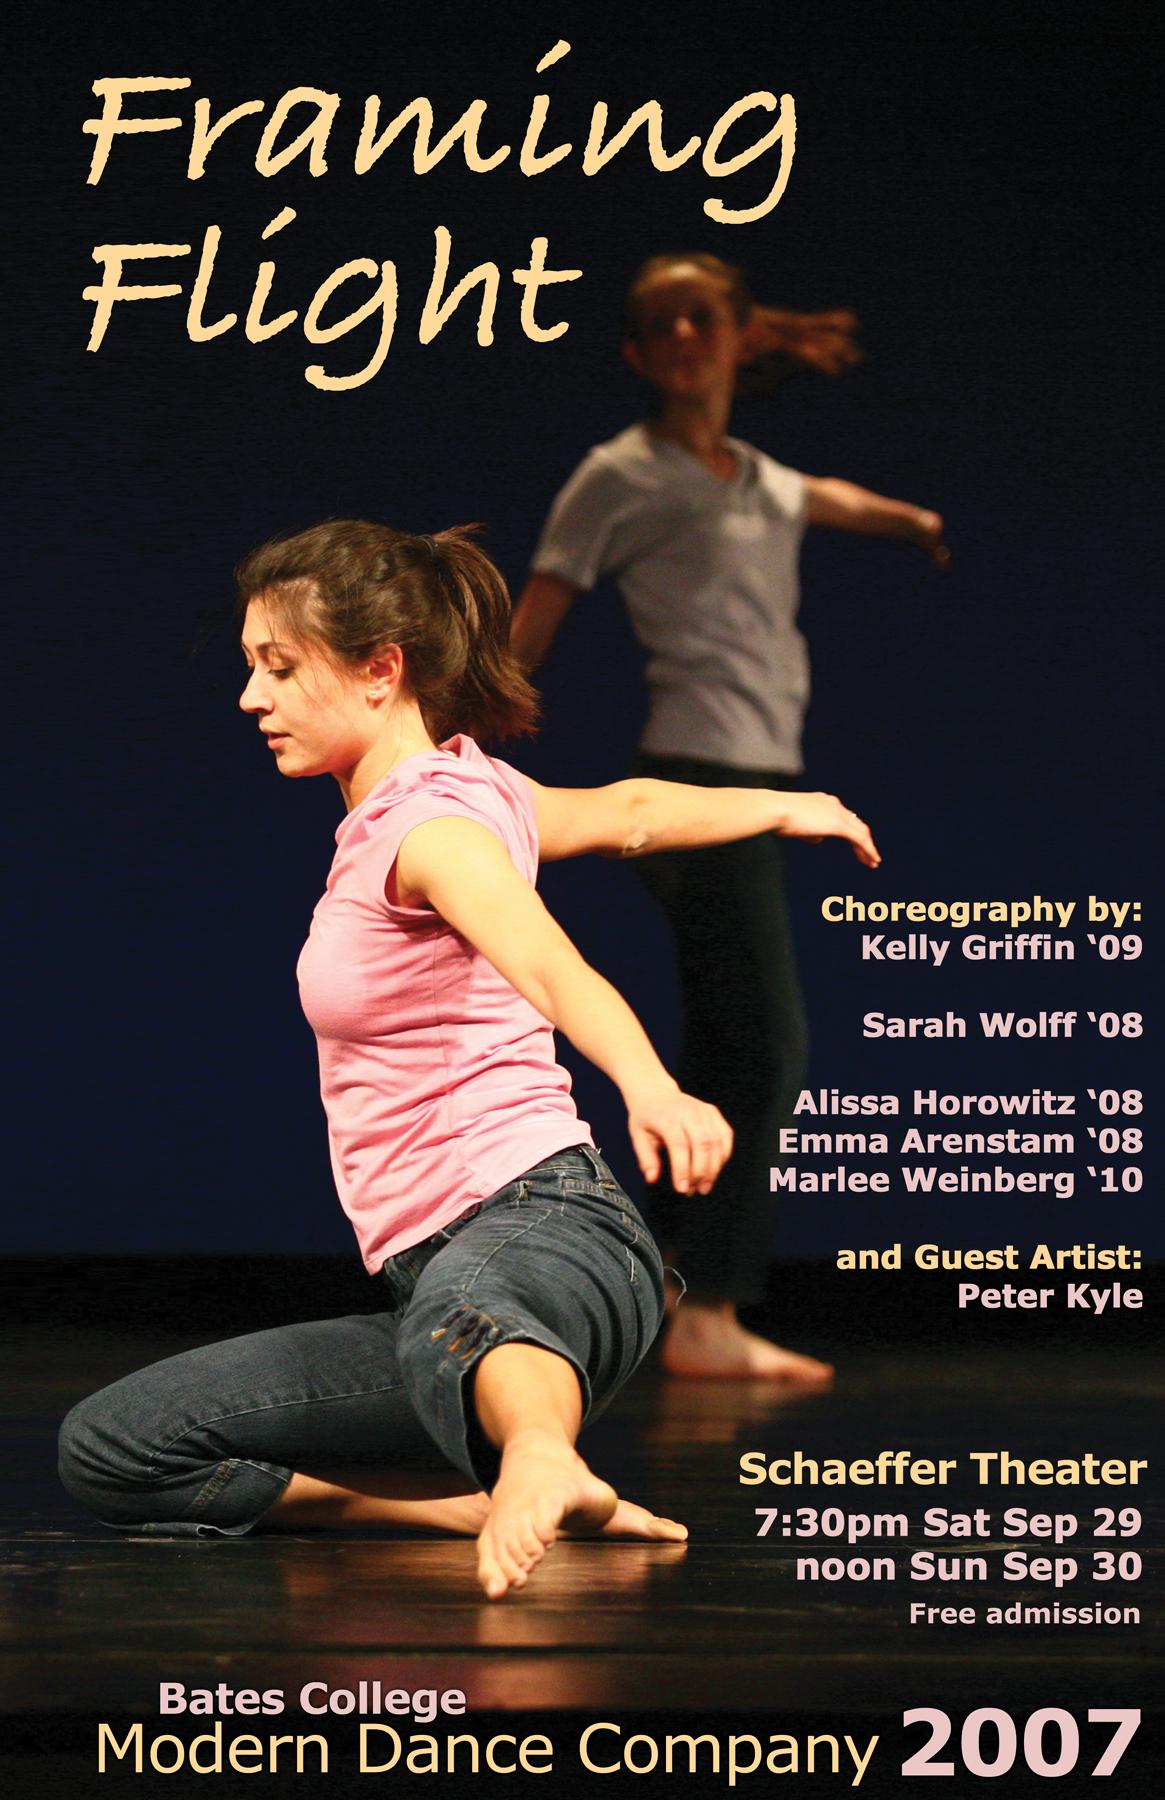 2007-09 Framing Flight